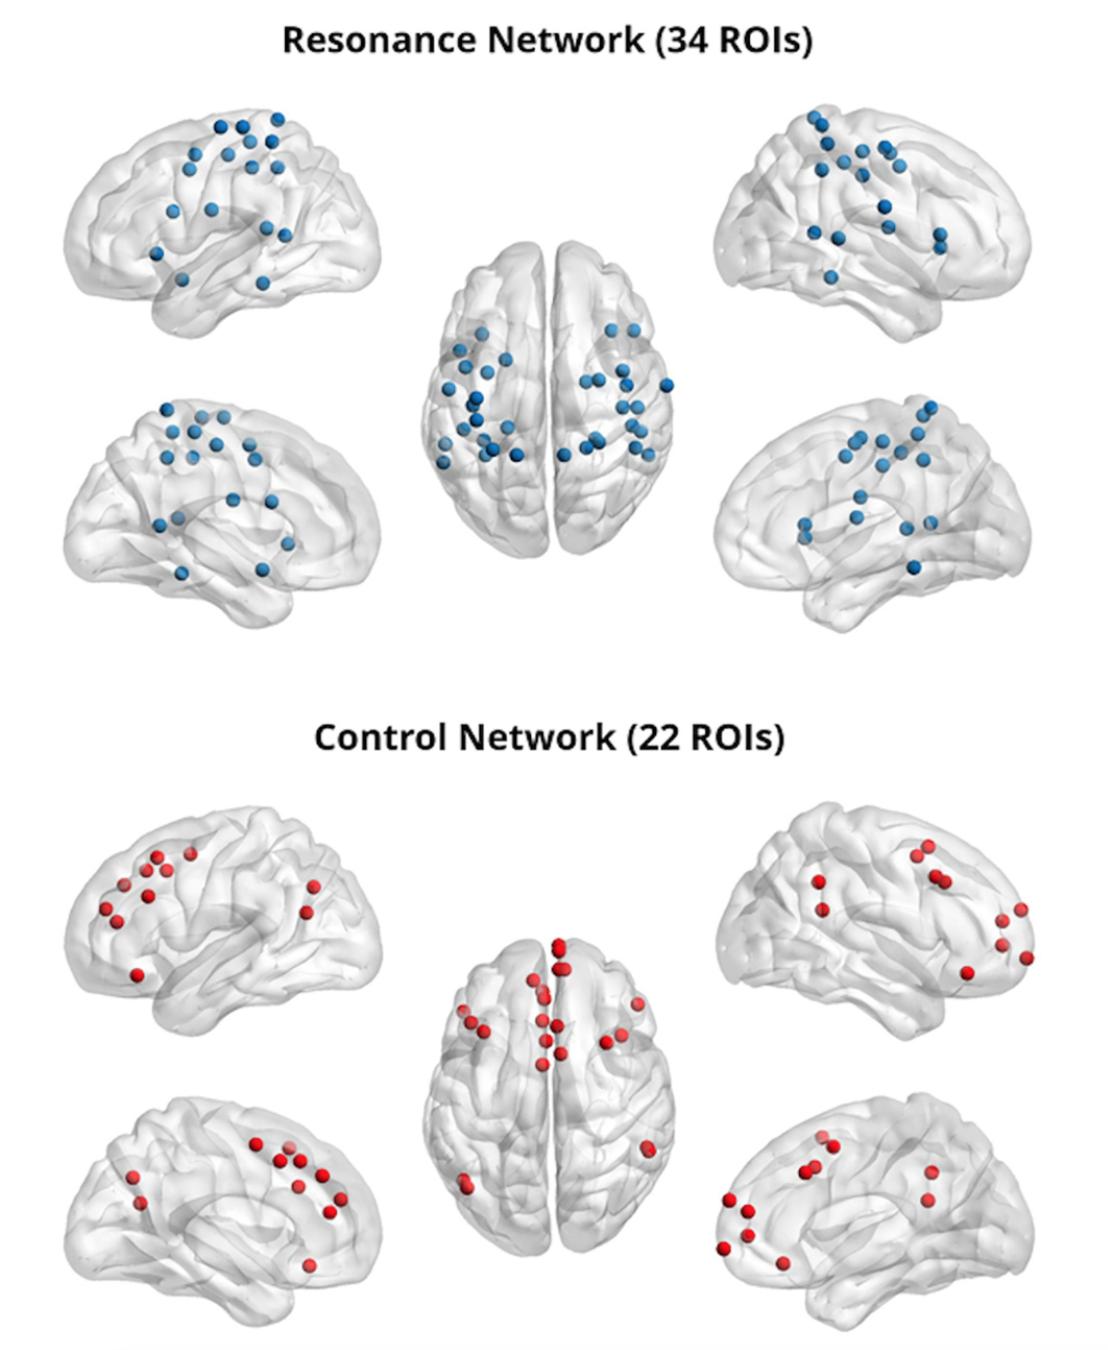 Измеримая эмпатия: предсказание степени сочувствия по МРТ мозга - 4